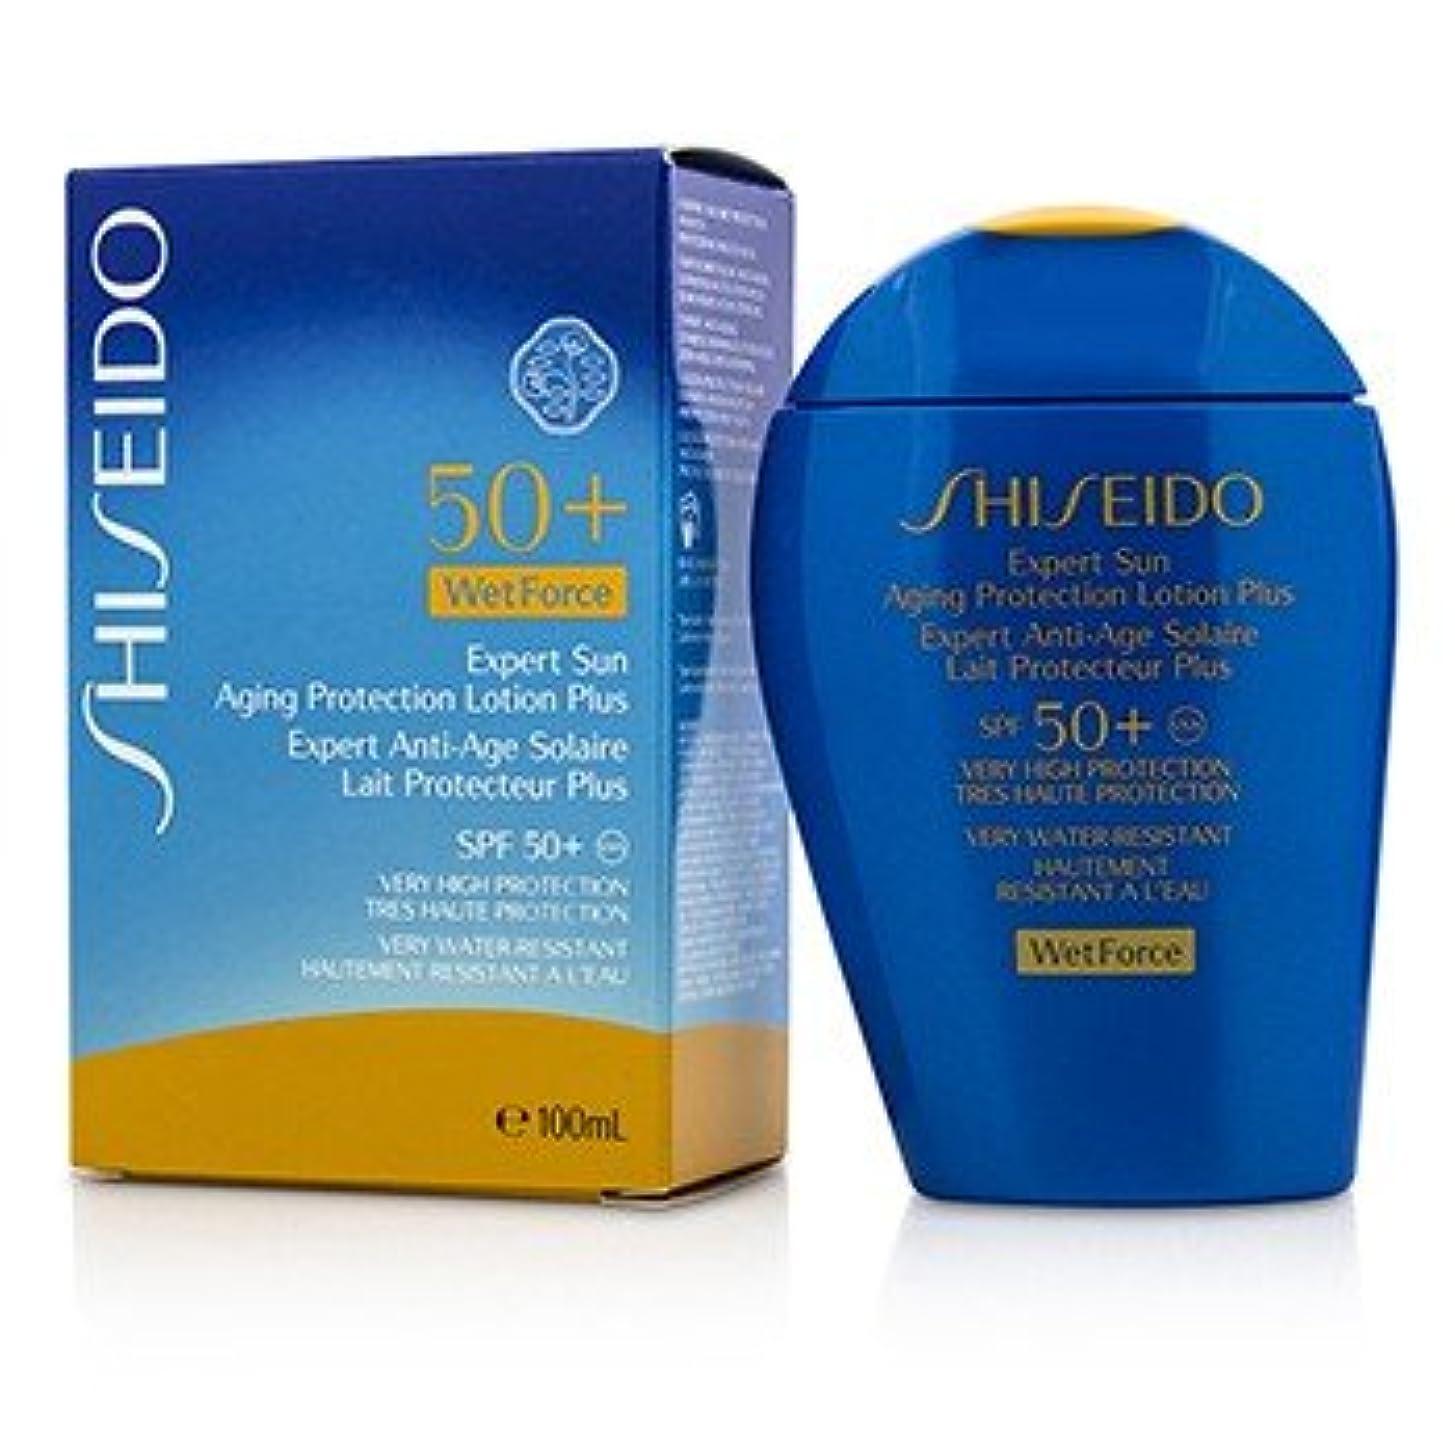 作ります東部行動[Shiseido] Expert Sun Aging Protection Lotion Plus WetForce For Face & Body SPF 50+ 100ml/3.4oz